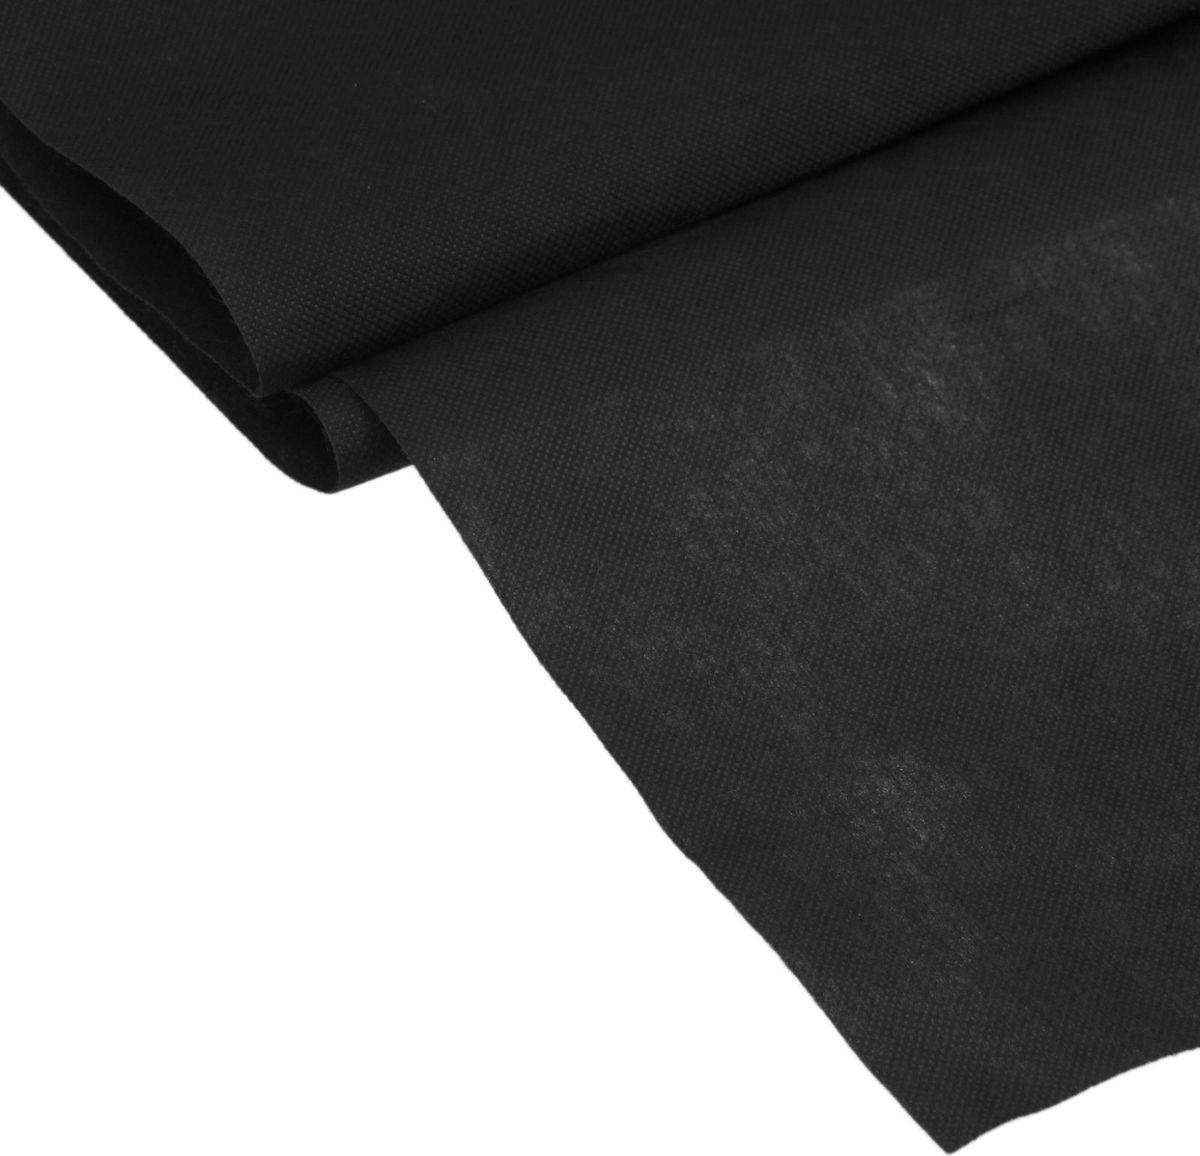 Материал укрывной  Агротекс , цвет: черный, 10 х 3,2 м 693577 - Аксессуары для сада и огорода